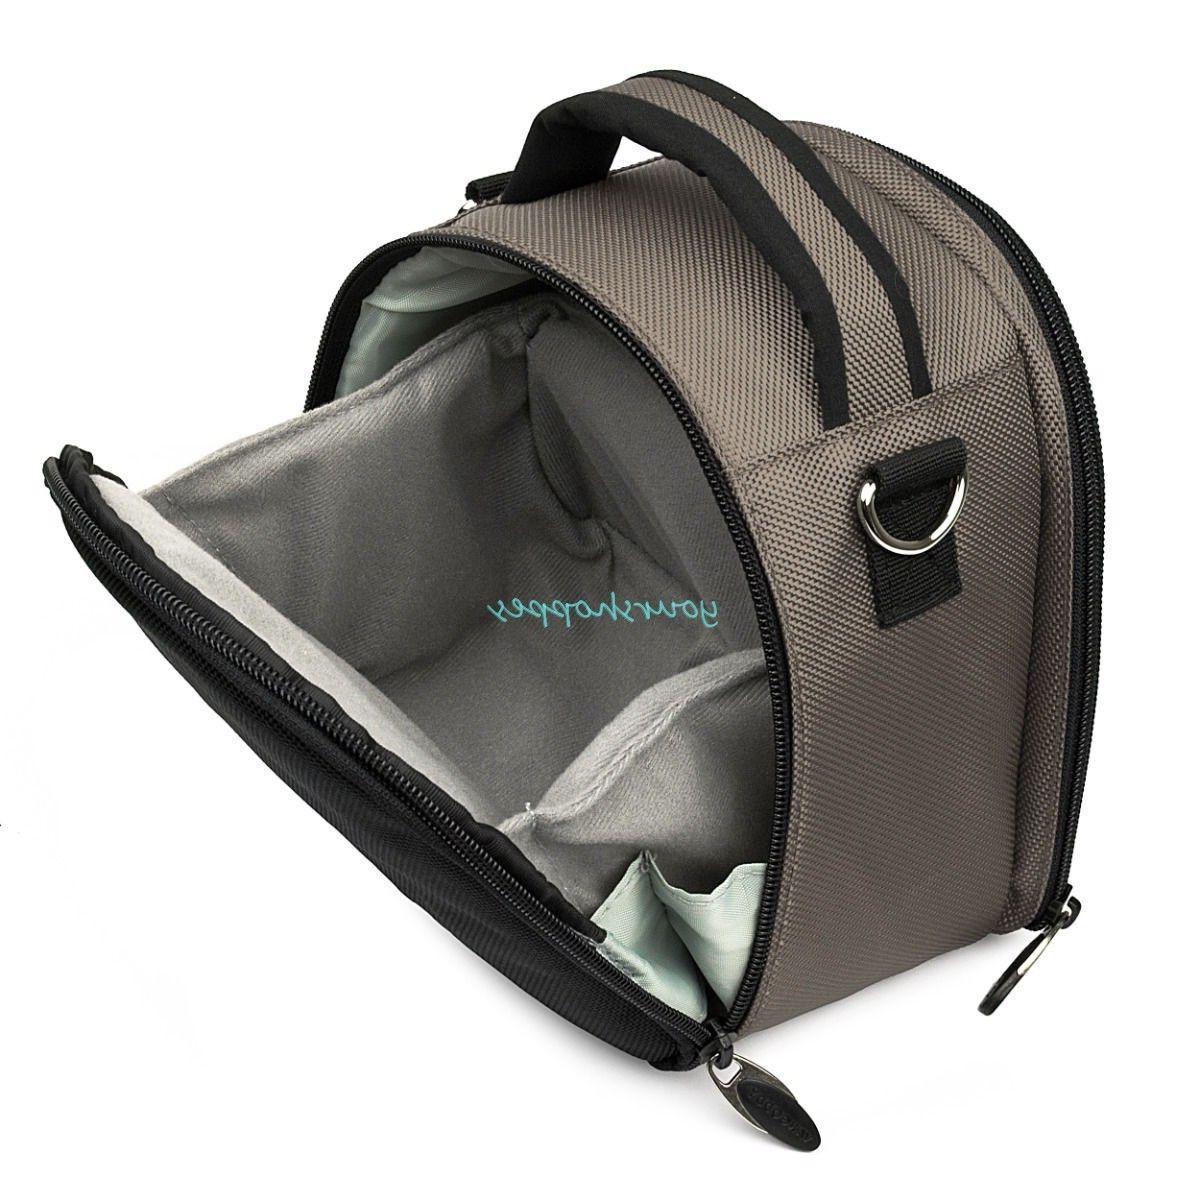 VanGoddy Bag Camera Case For Powershot